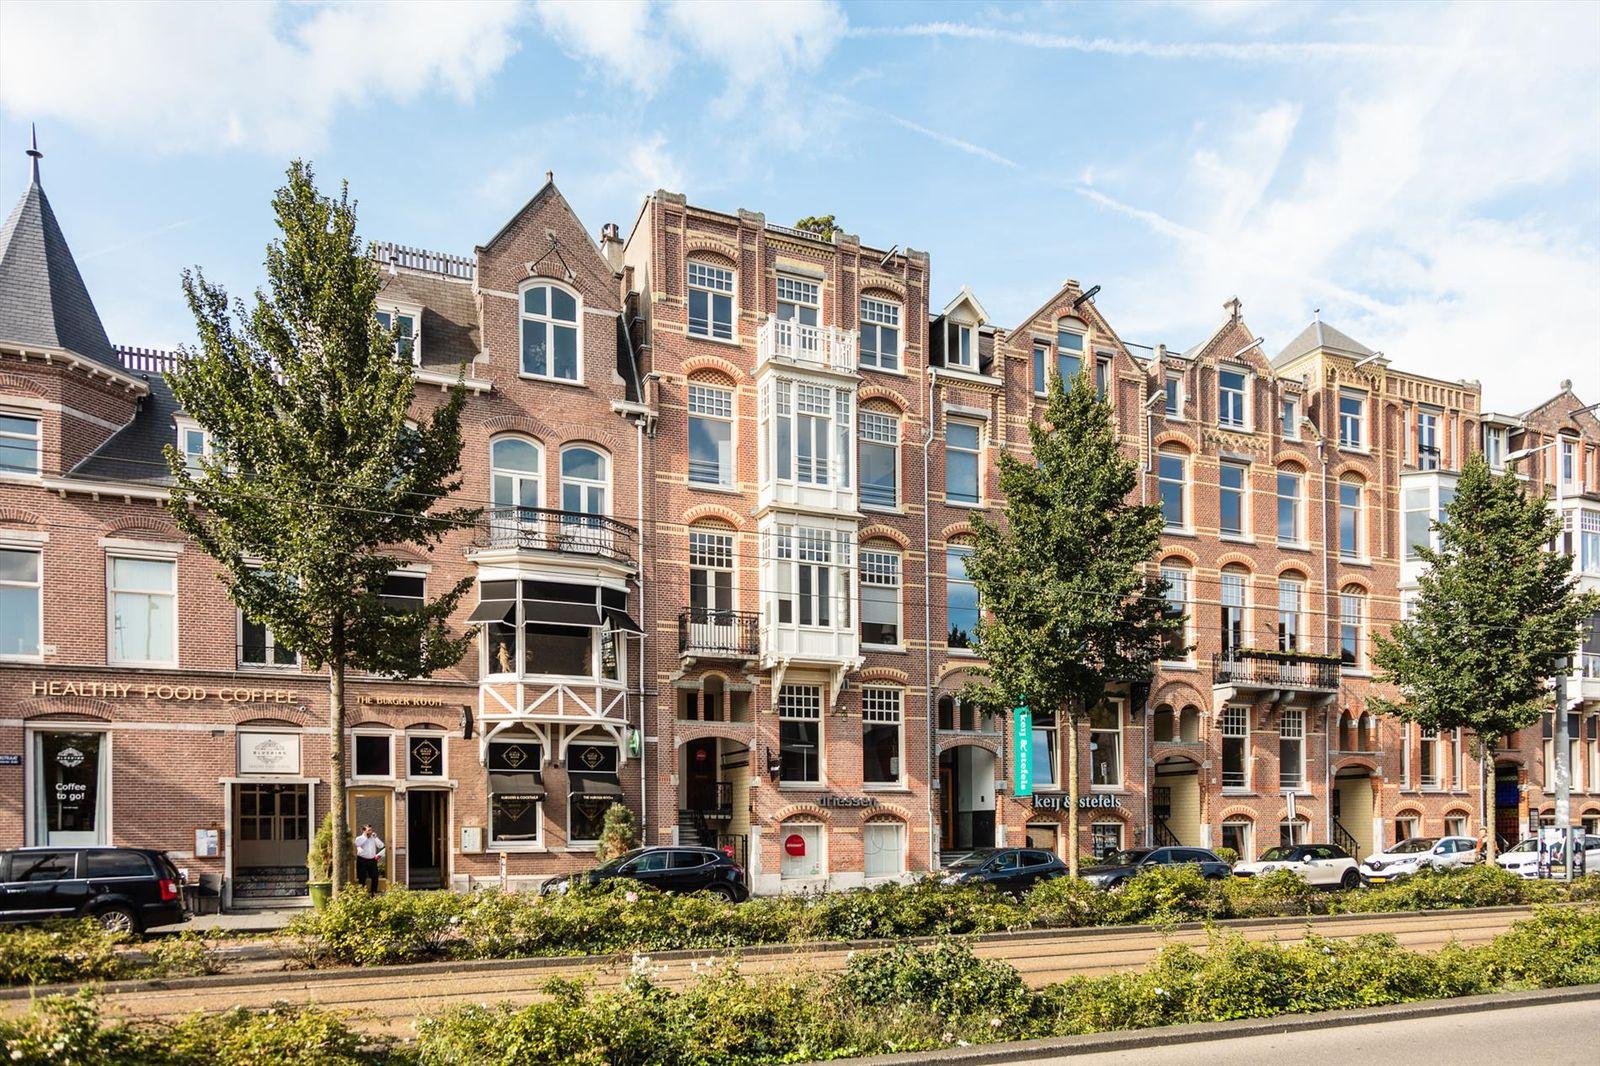 28iii.com_Paulus Potterstraat 28III koopwoning in Amsterdam, Noord-Holland - Huislijn.nl